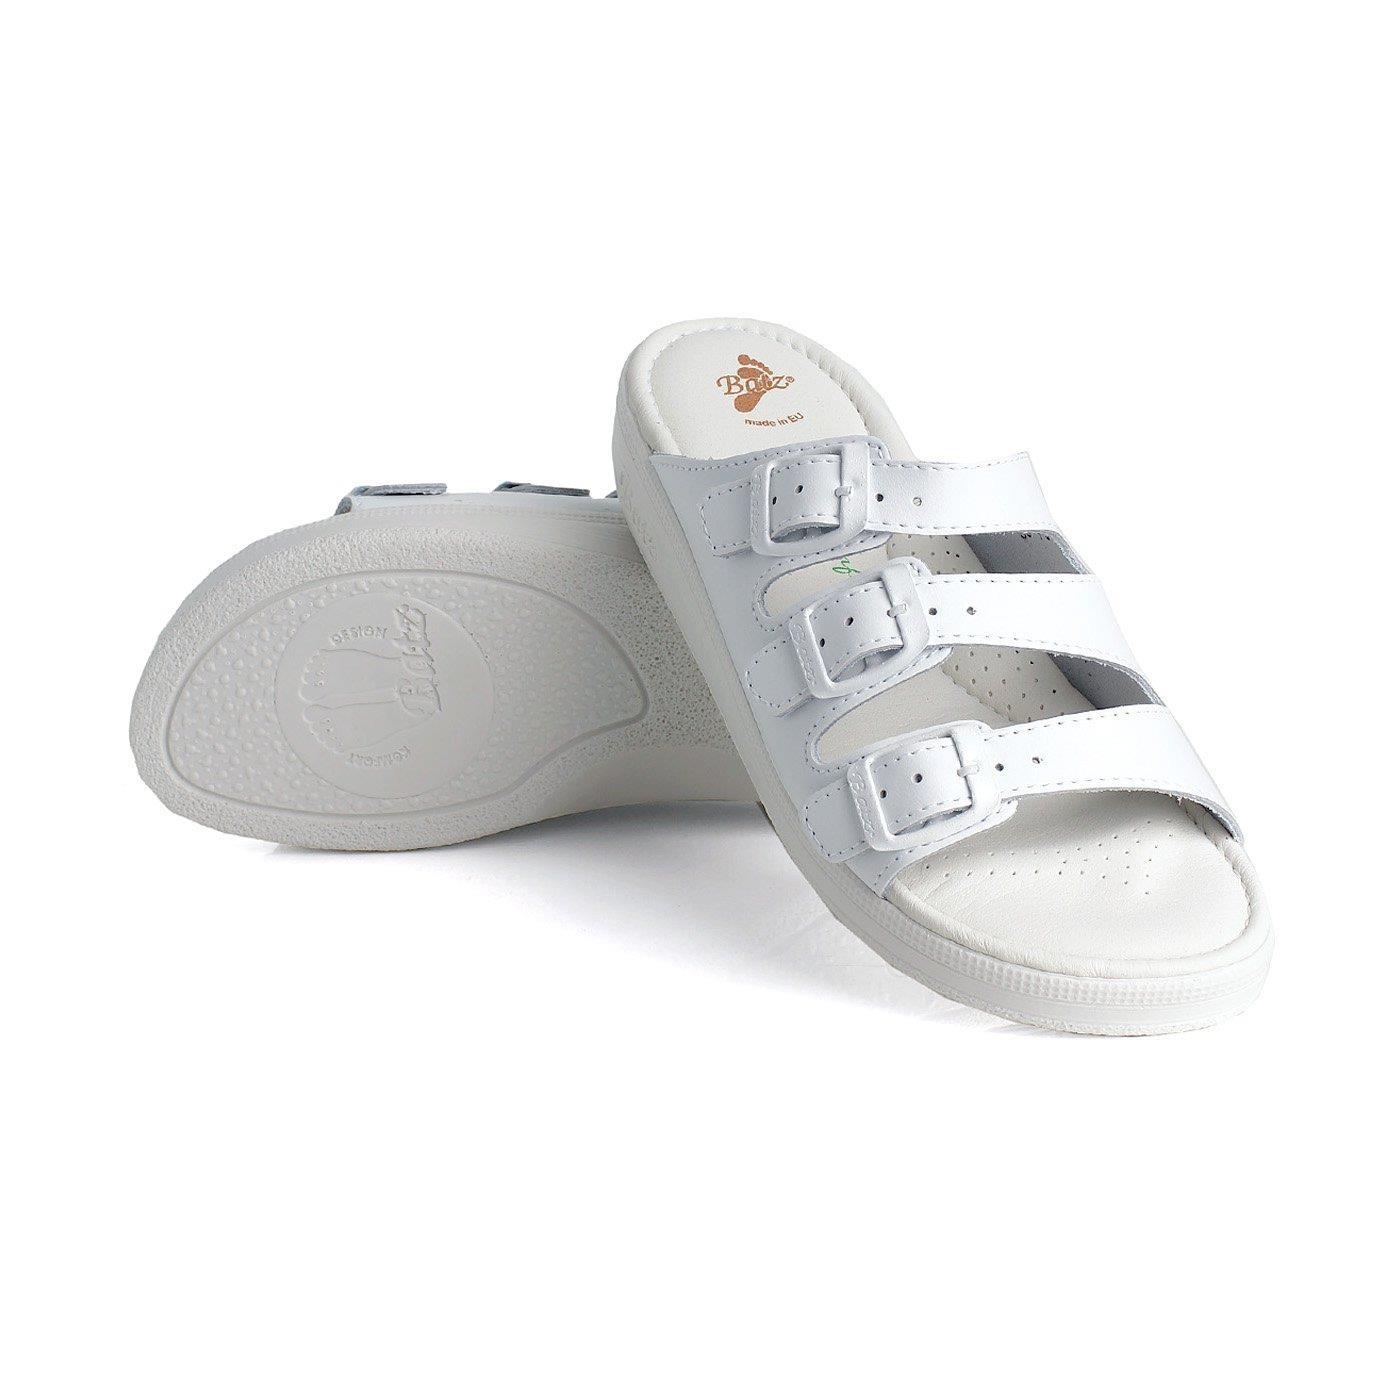 Batz* *Batz dámské zdravotní pantofle 3BCS White 37 37